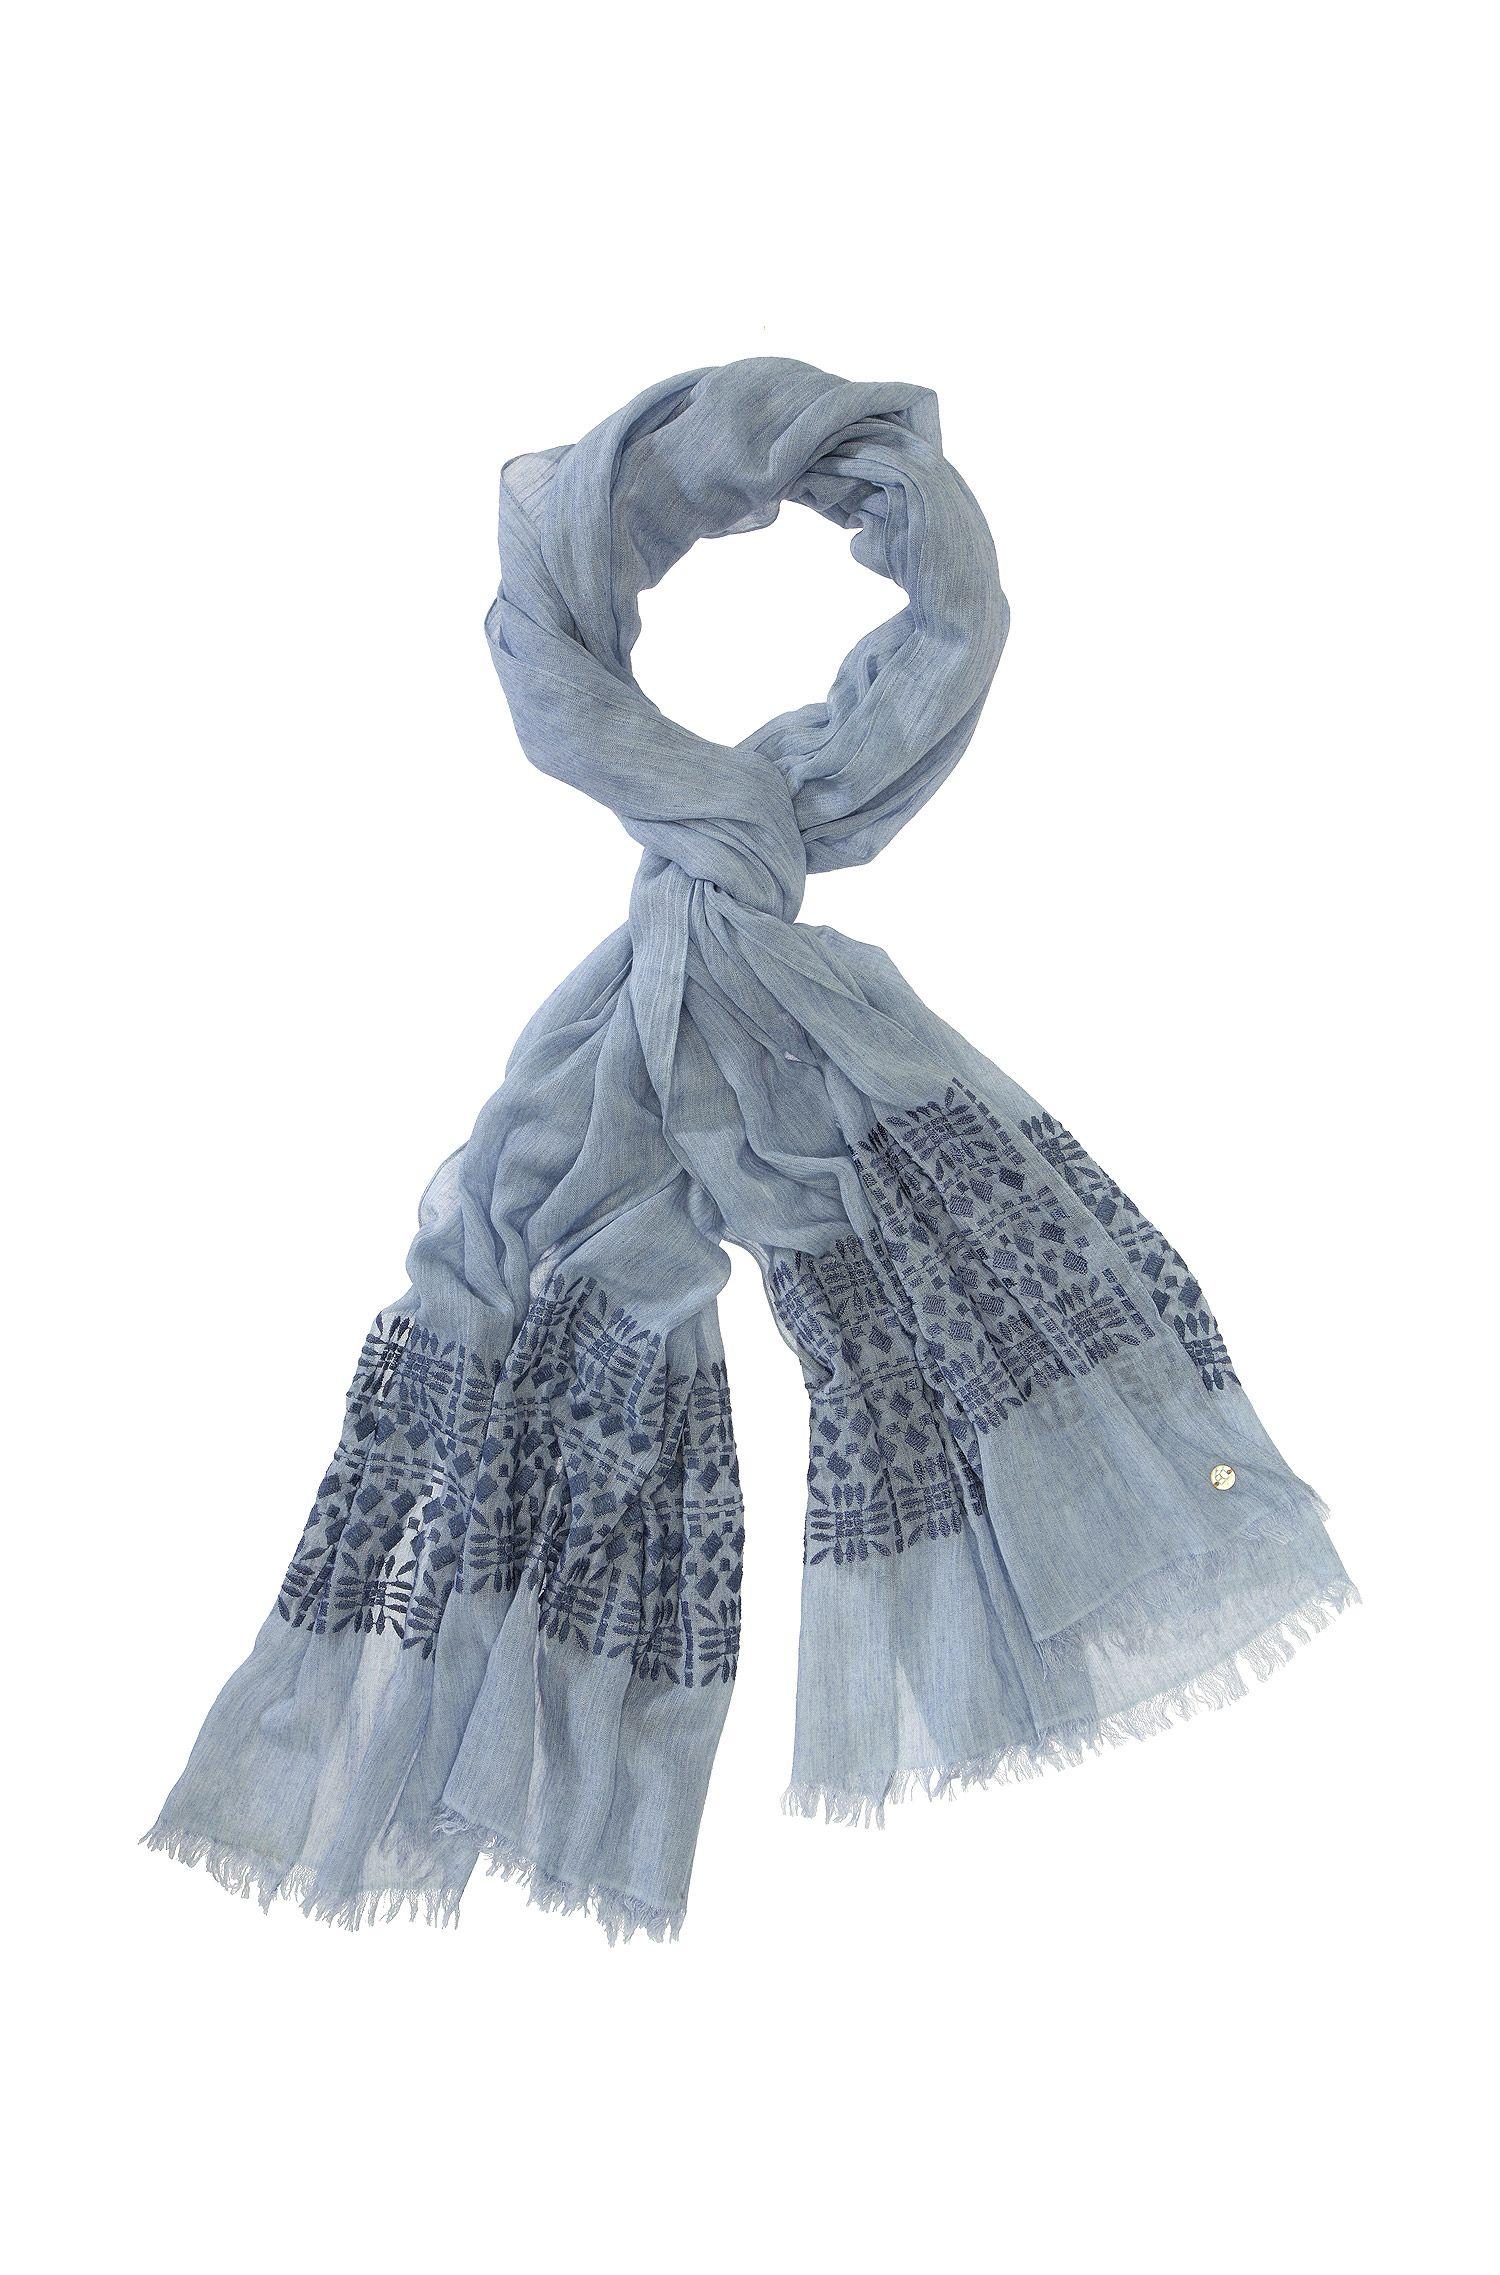 Foulard en coton, laine et viscose, Nirieam